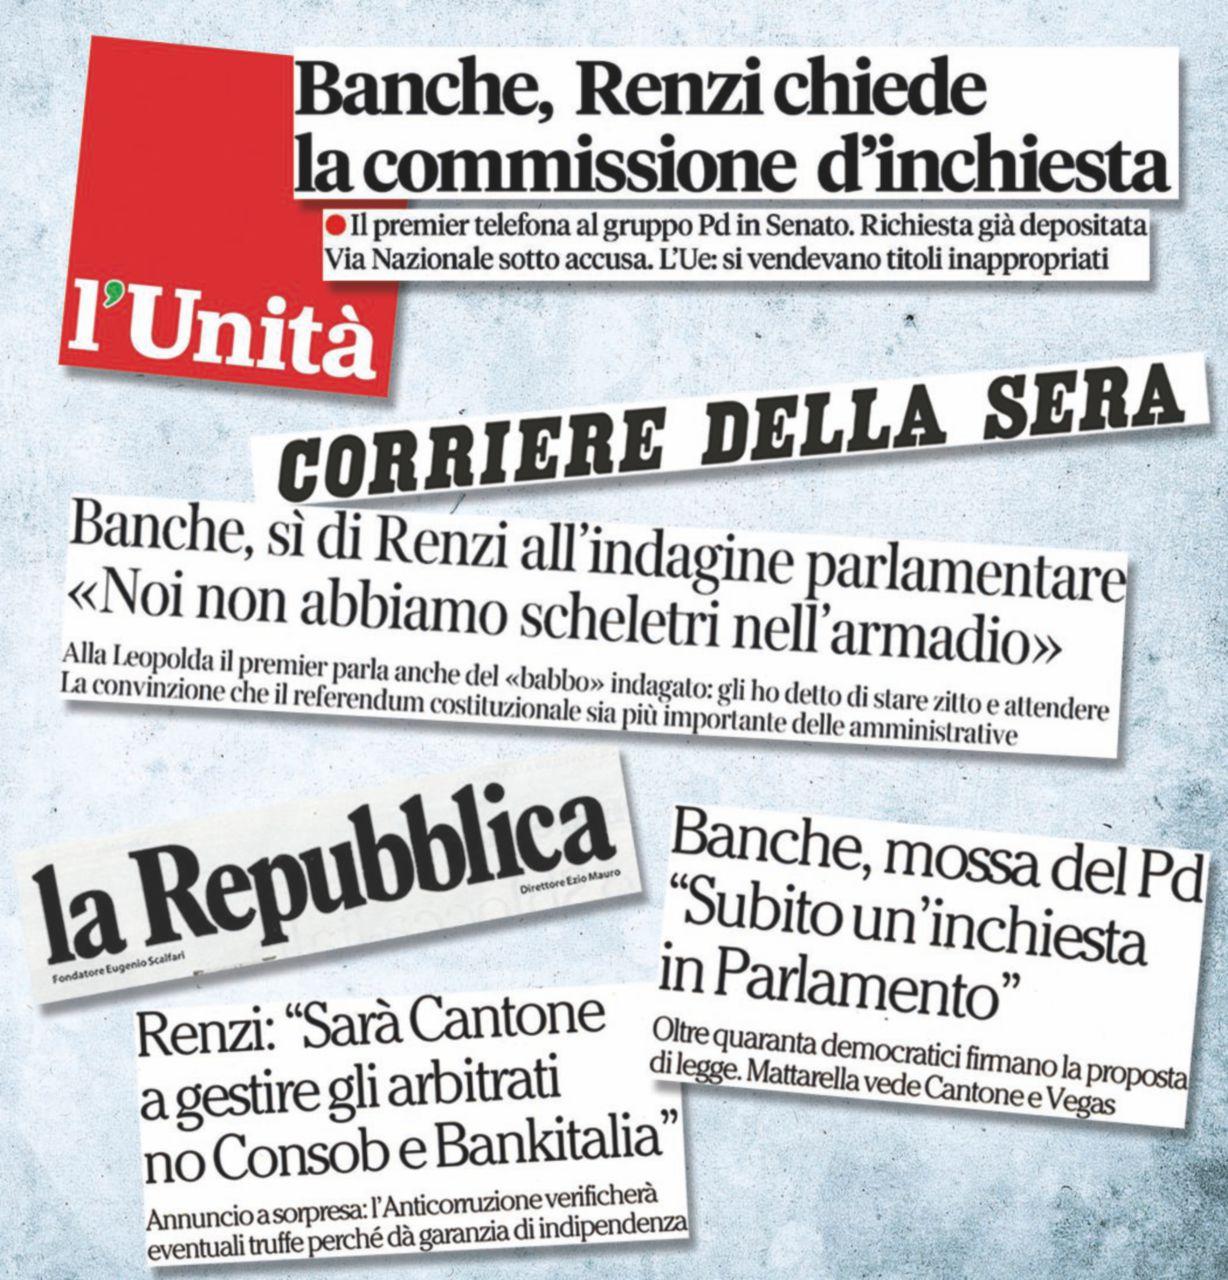 Etruria & C., carta elettorale di Renzi: risarcimenti a tutti